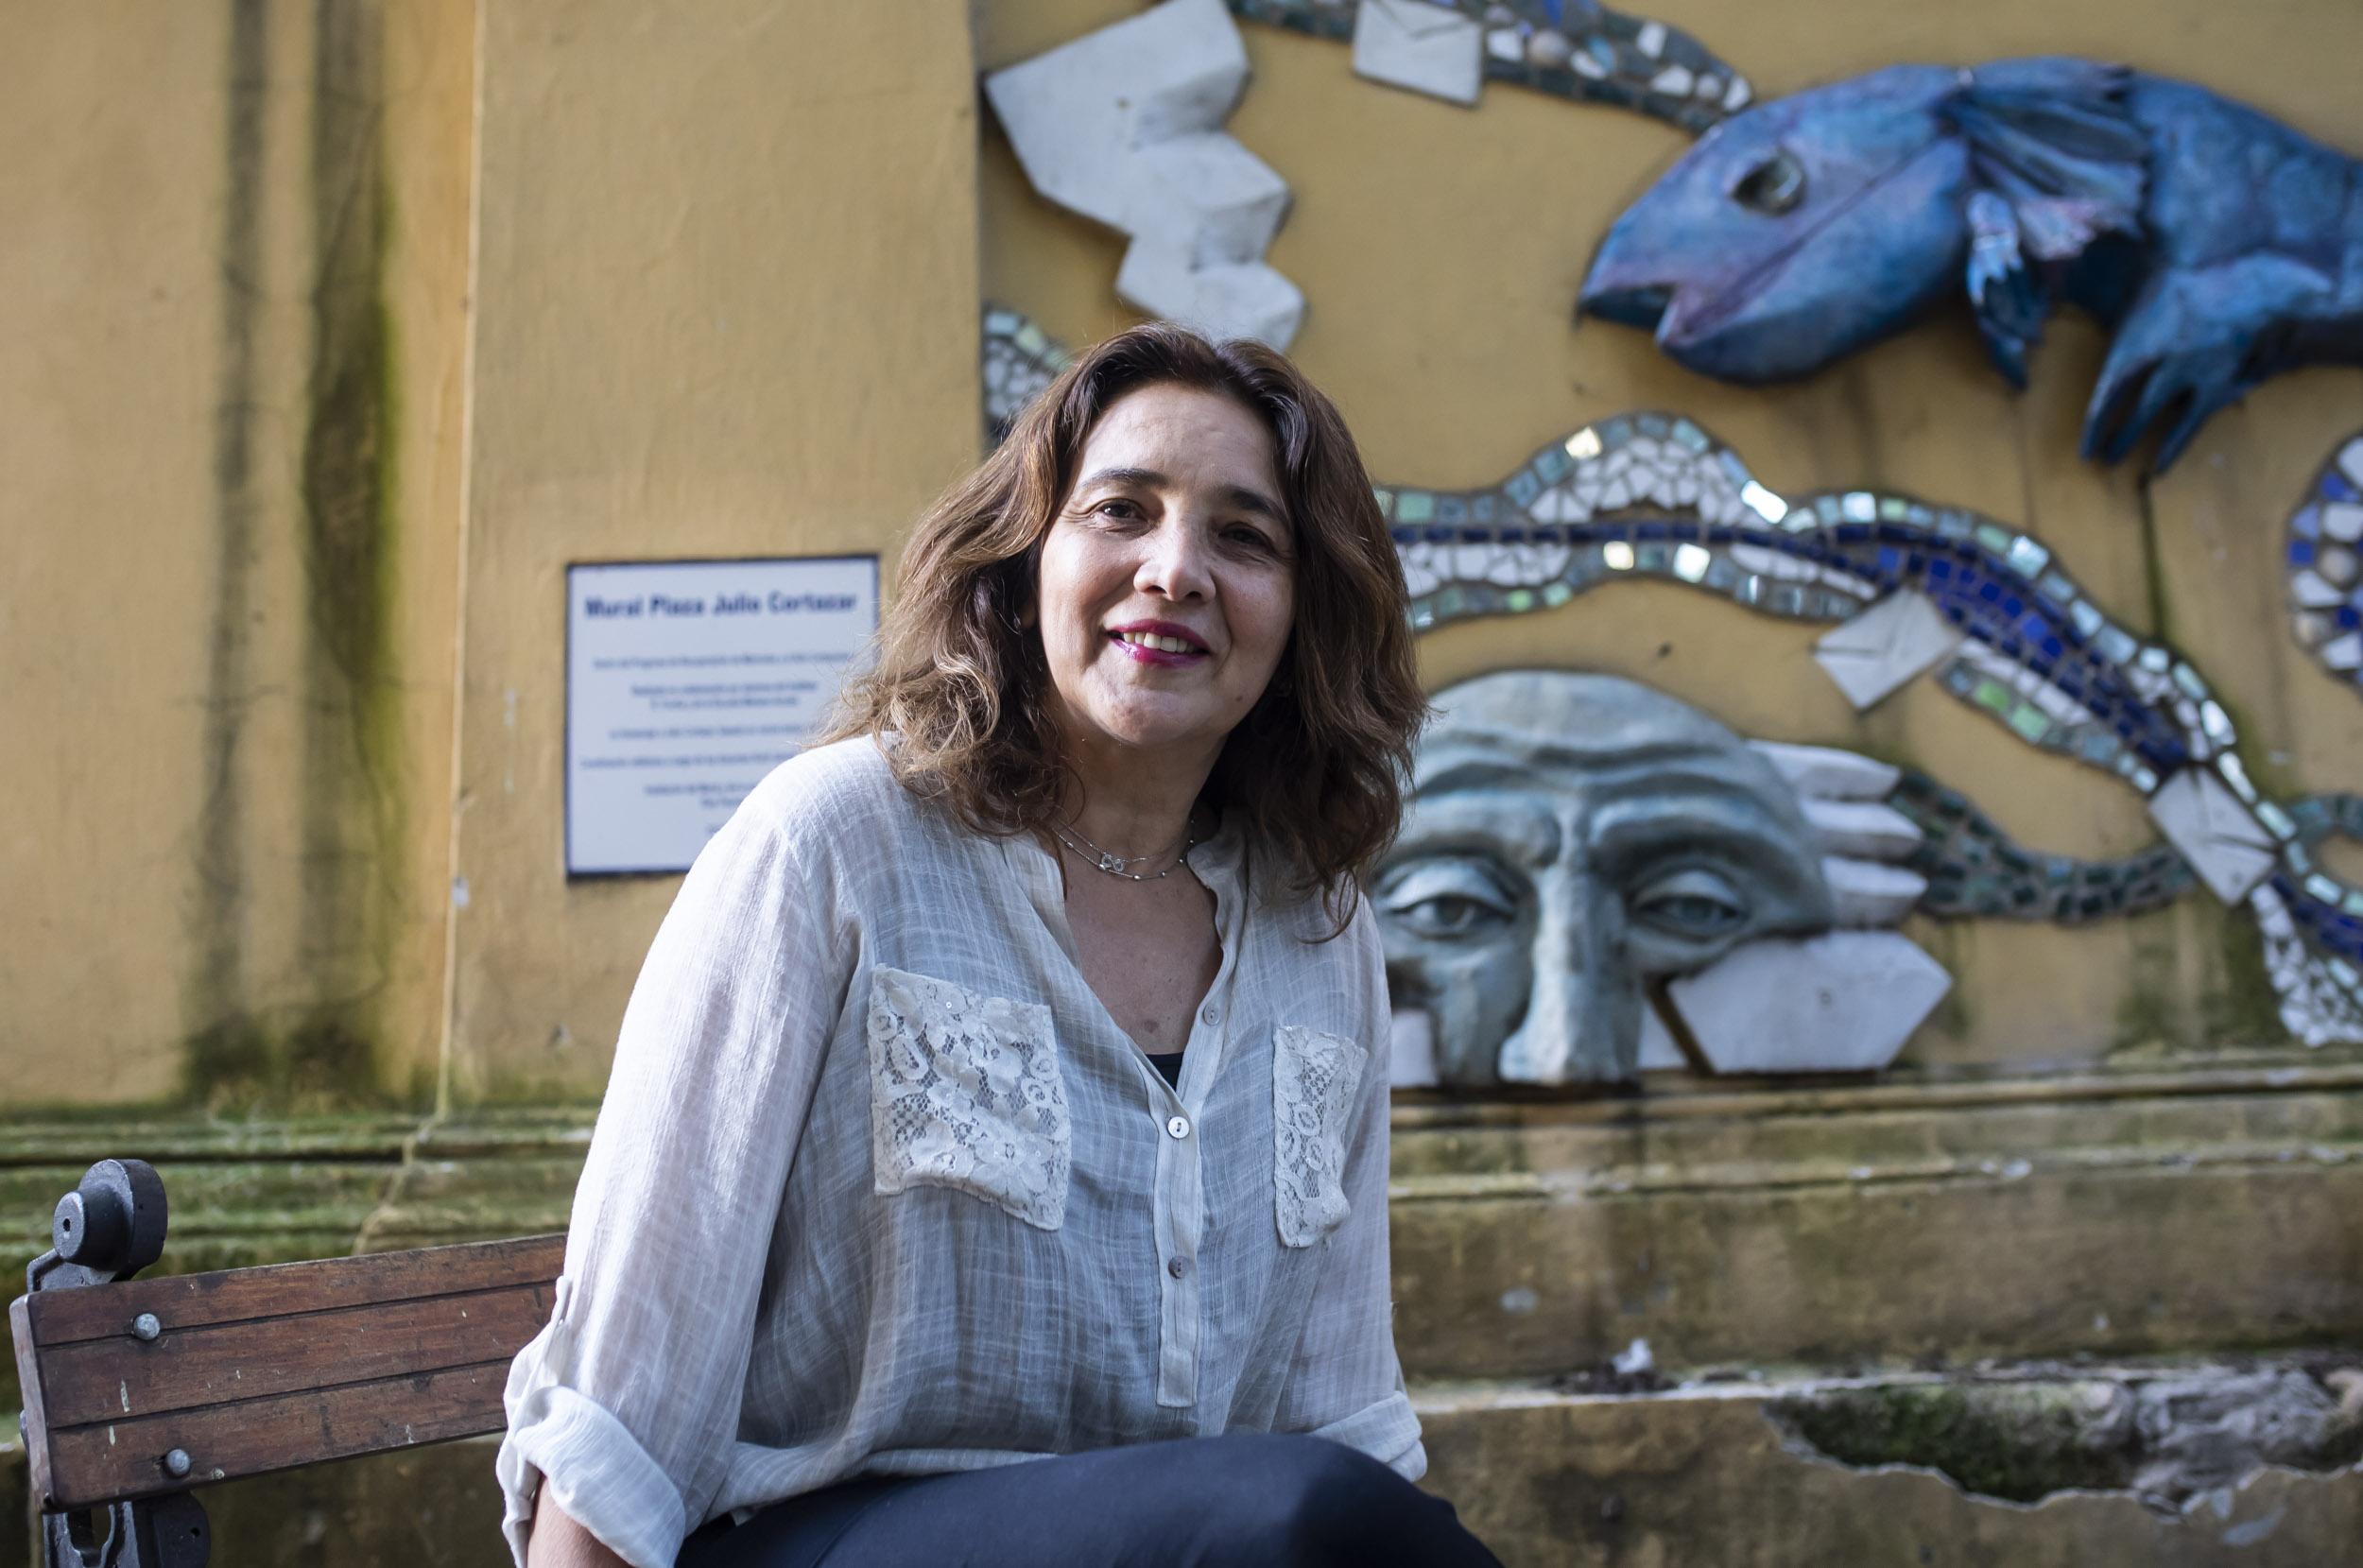 Con el 79% de los votos, Angélica Graciano es la nueva secretaria general de la UTE